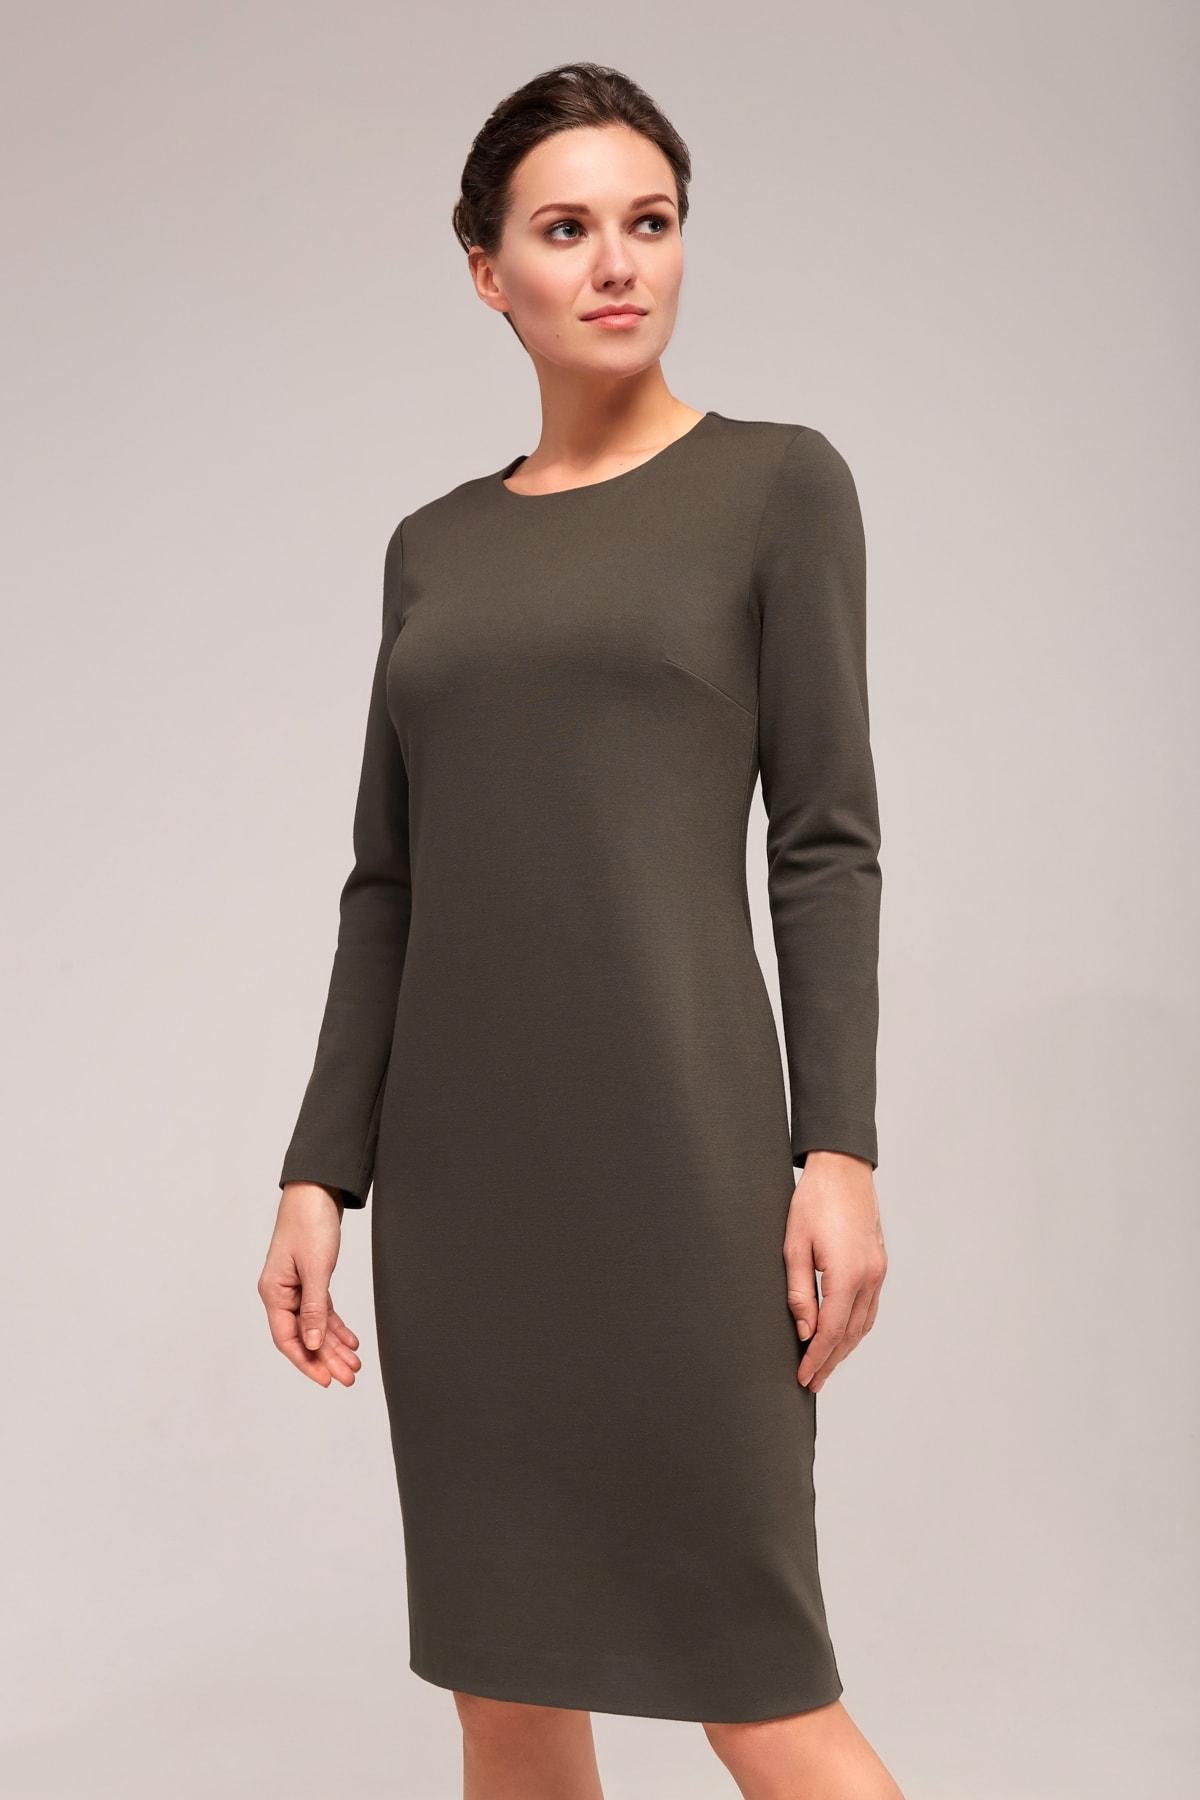 Стильное женское платье Top Desing B7 007